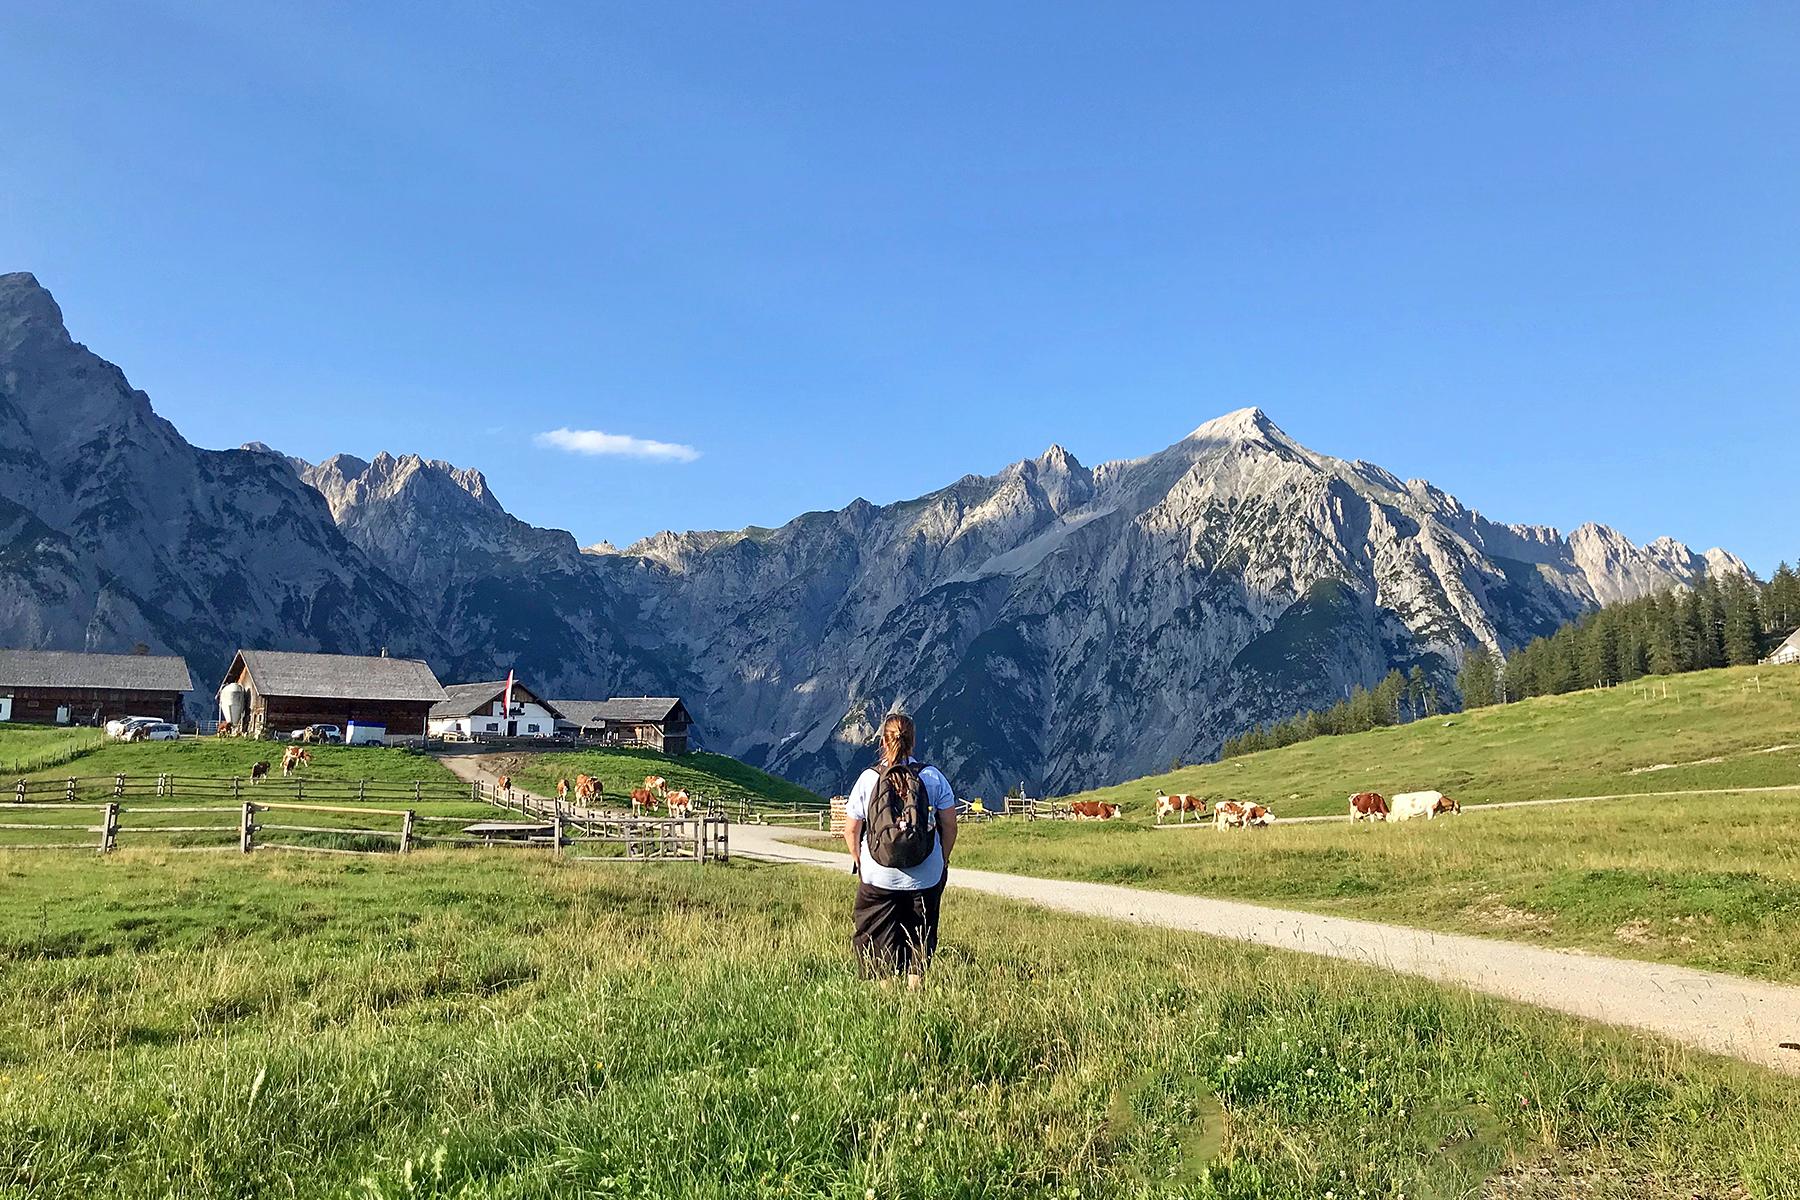 Urlaub in Österreich: 7 Tipps, wie man den Sommerurlaub 2020 in Österreich bucht